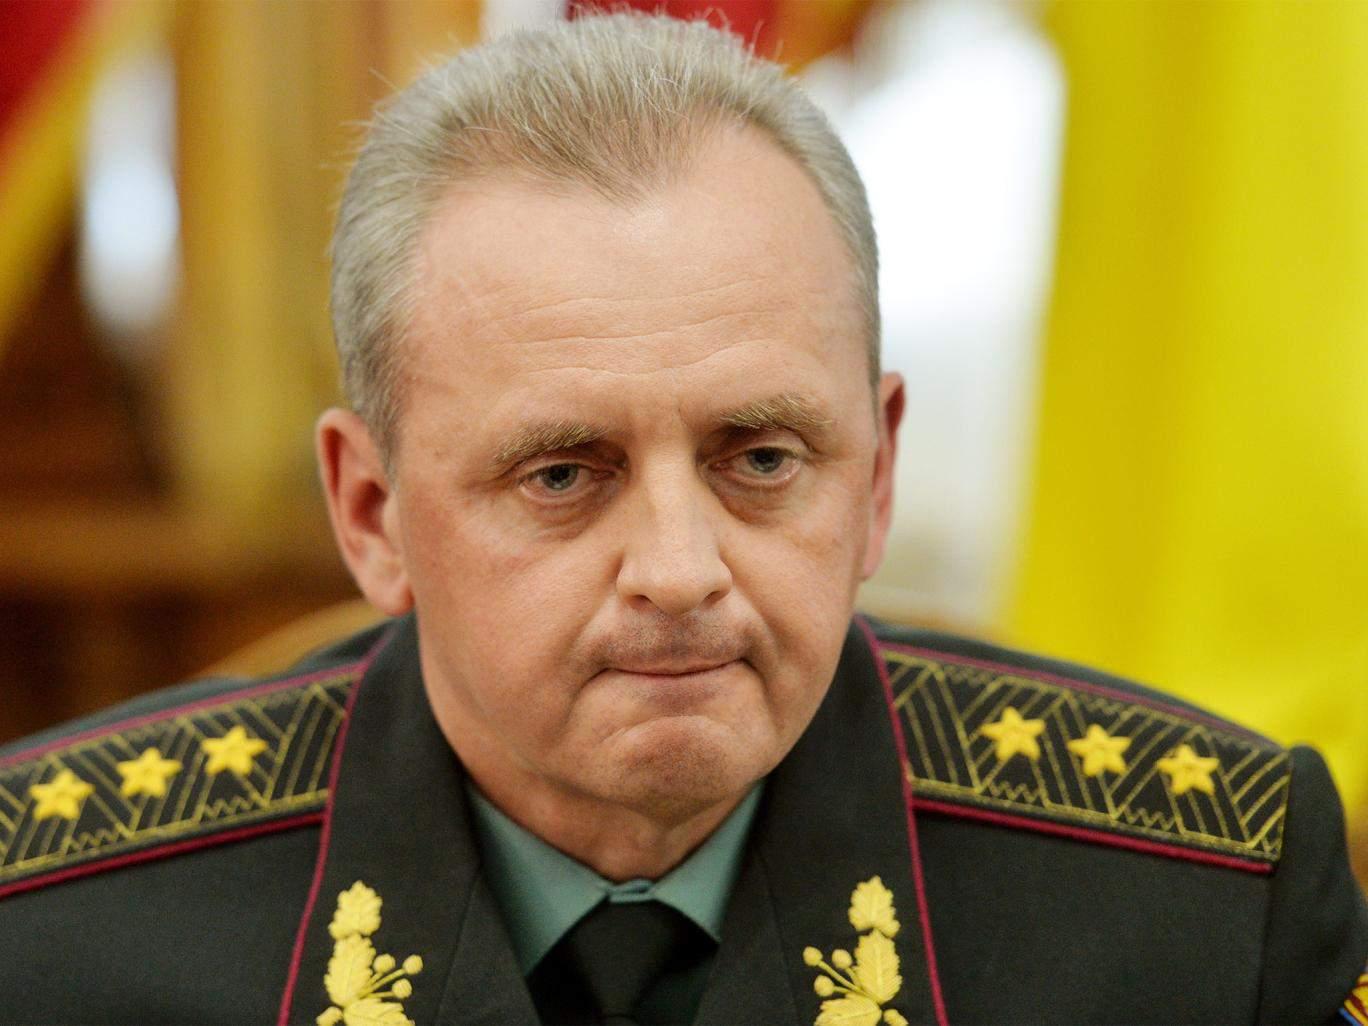 Волонтер: Порошенко не сдаст Муженко, даже если враг возьмет Харьков